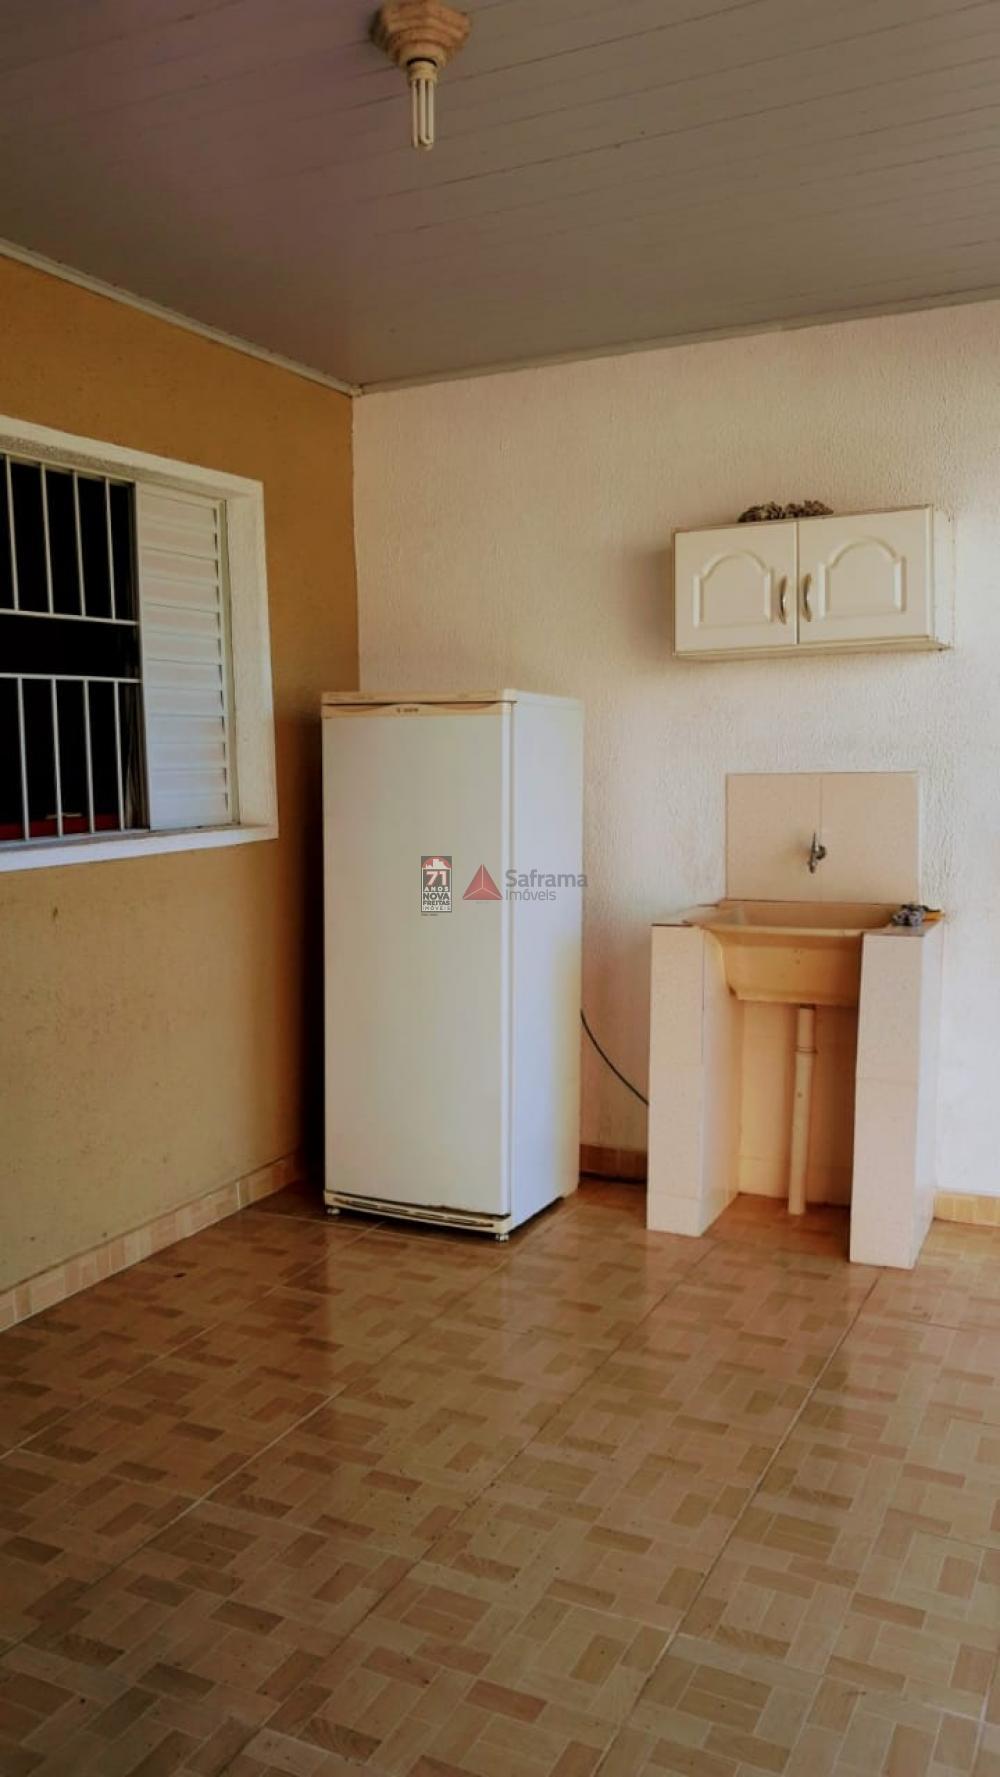 Comprar Casa / Padrão em Caraguatatuba R$ 370.000,00 - Foto 9